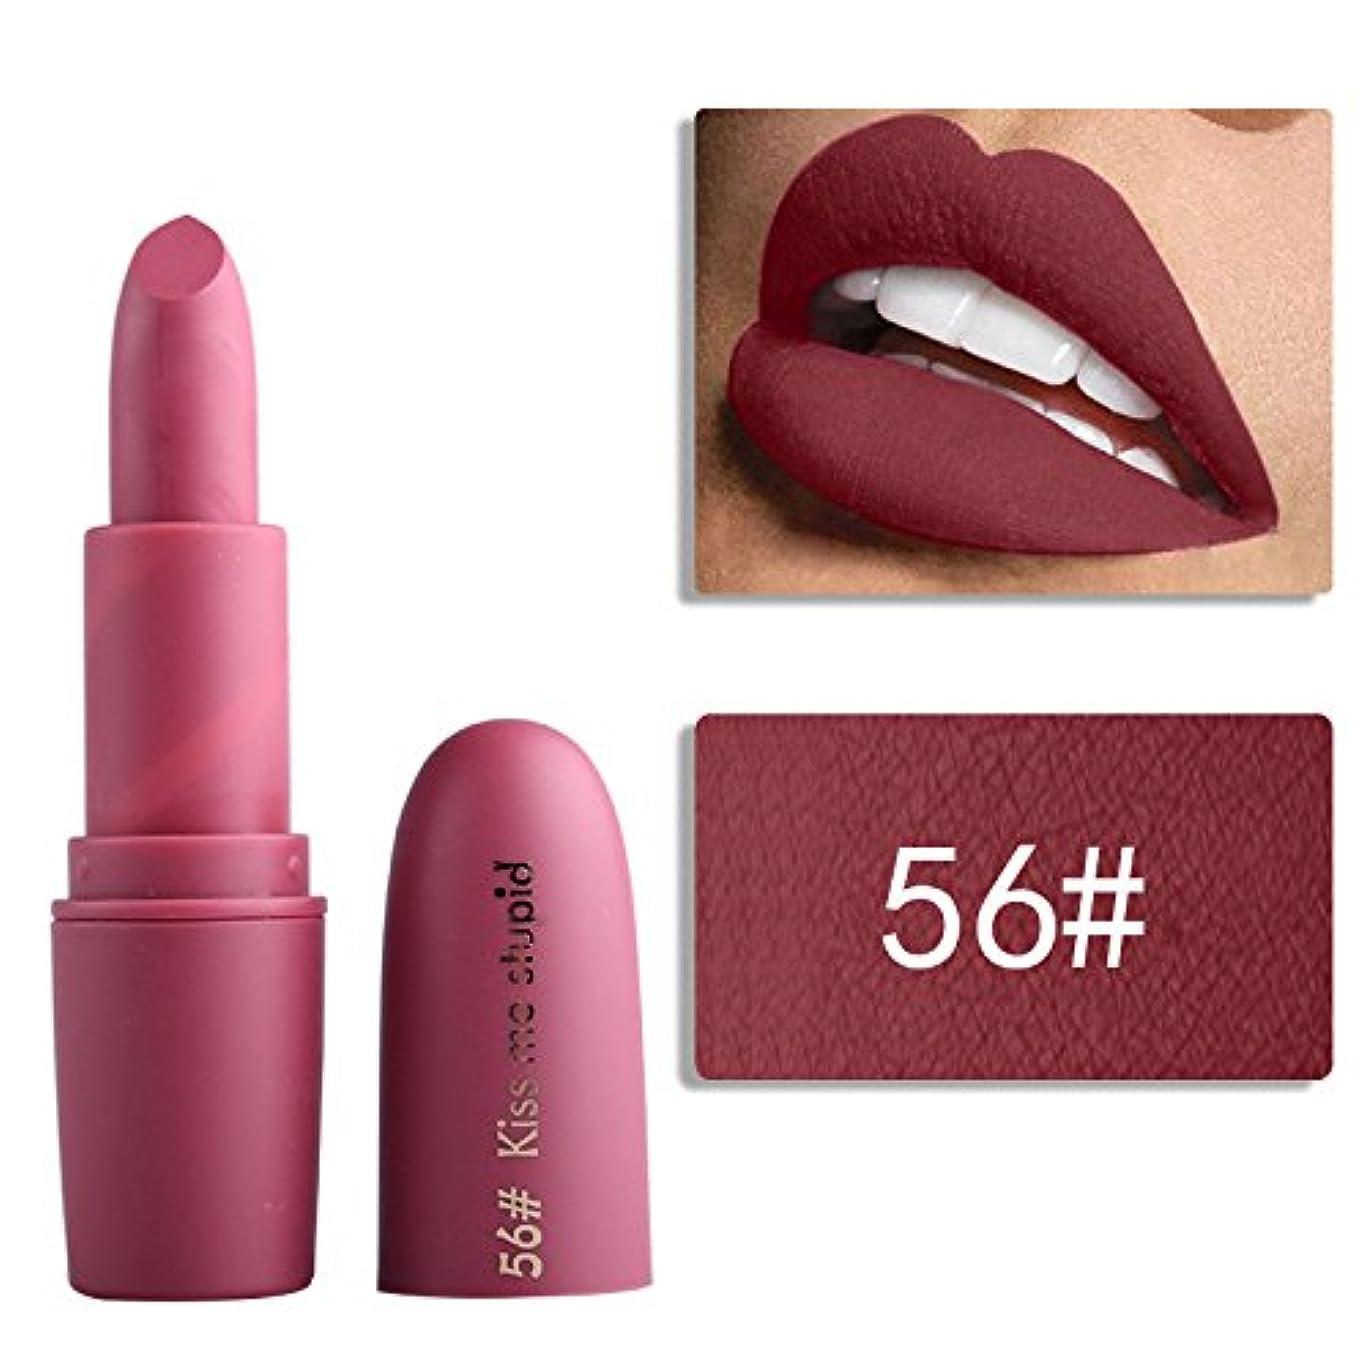 私たち自身キャプテンブライ郵便屋さんMiss Rose Nude Lipstick 22 colors Waterproof Vampire Brown Beauty Baby Lips Batom Matte lipstick Makeup Tats Eugenie Margherita